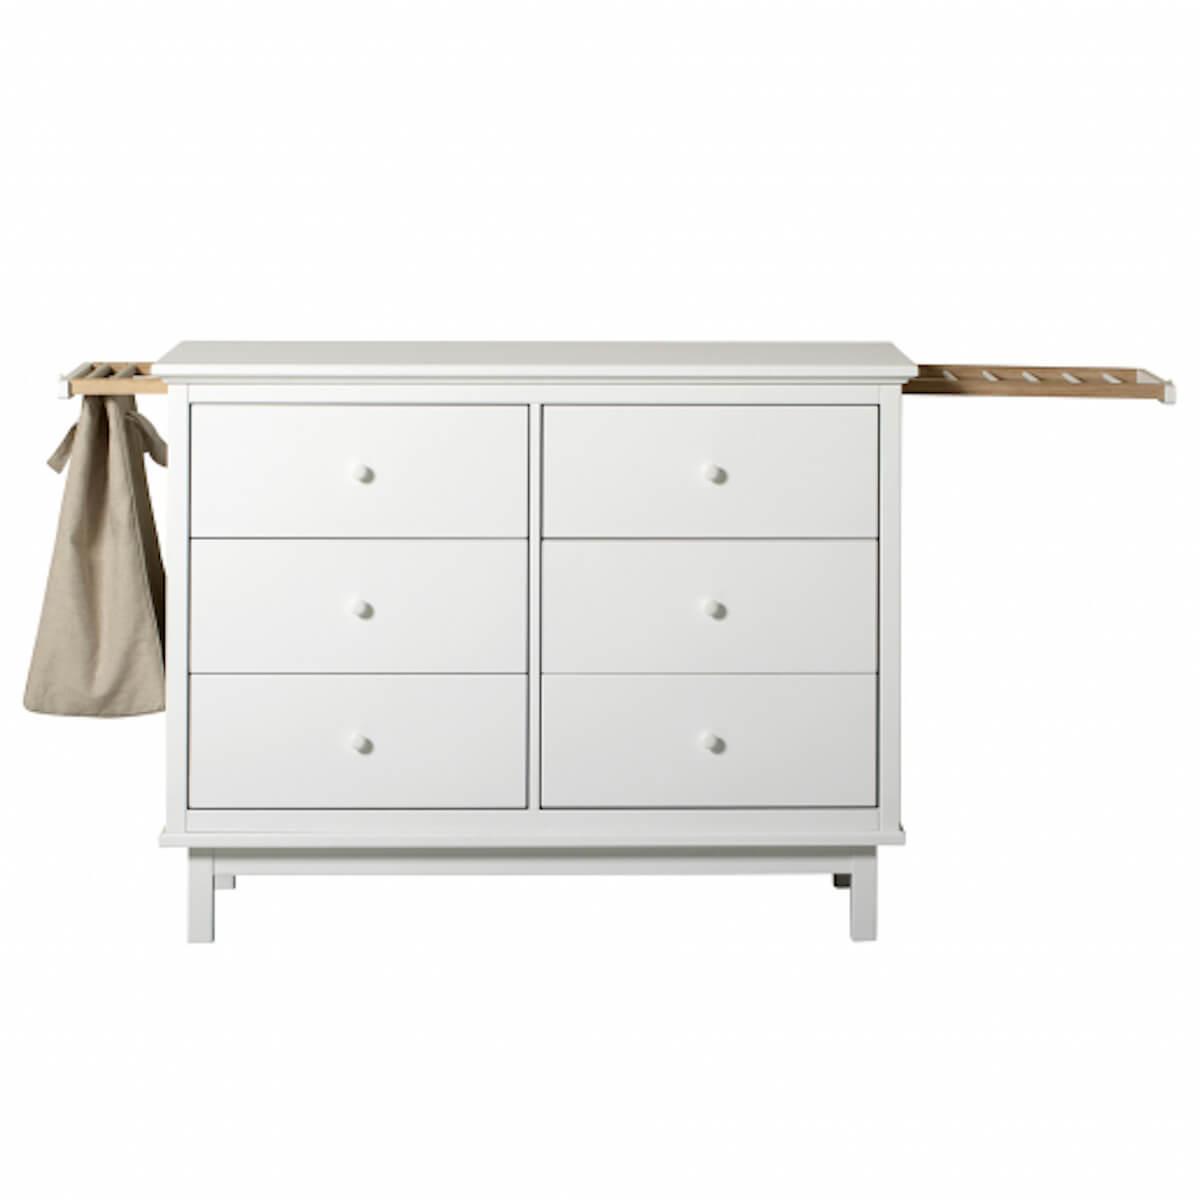 Cómoda 6 cajones SEASIDE Oliver Furniture blanco